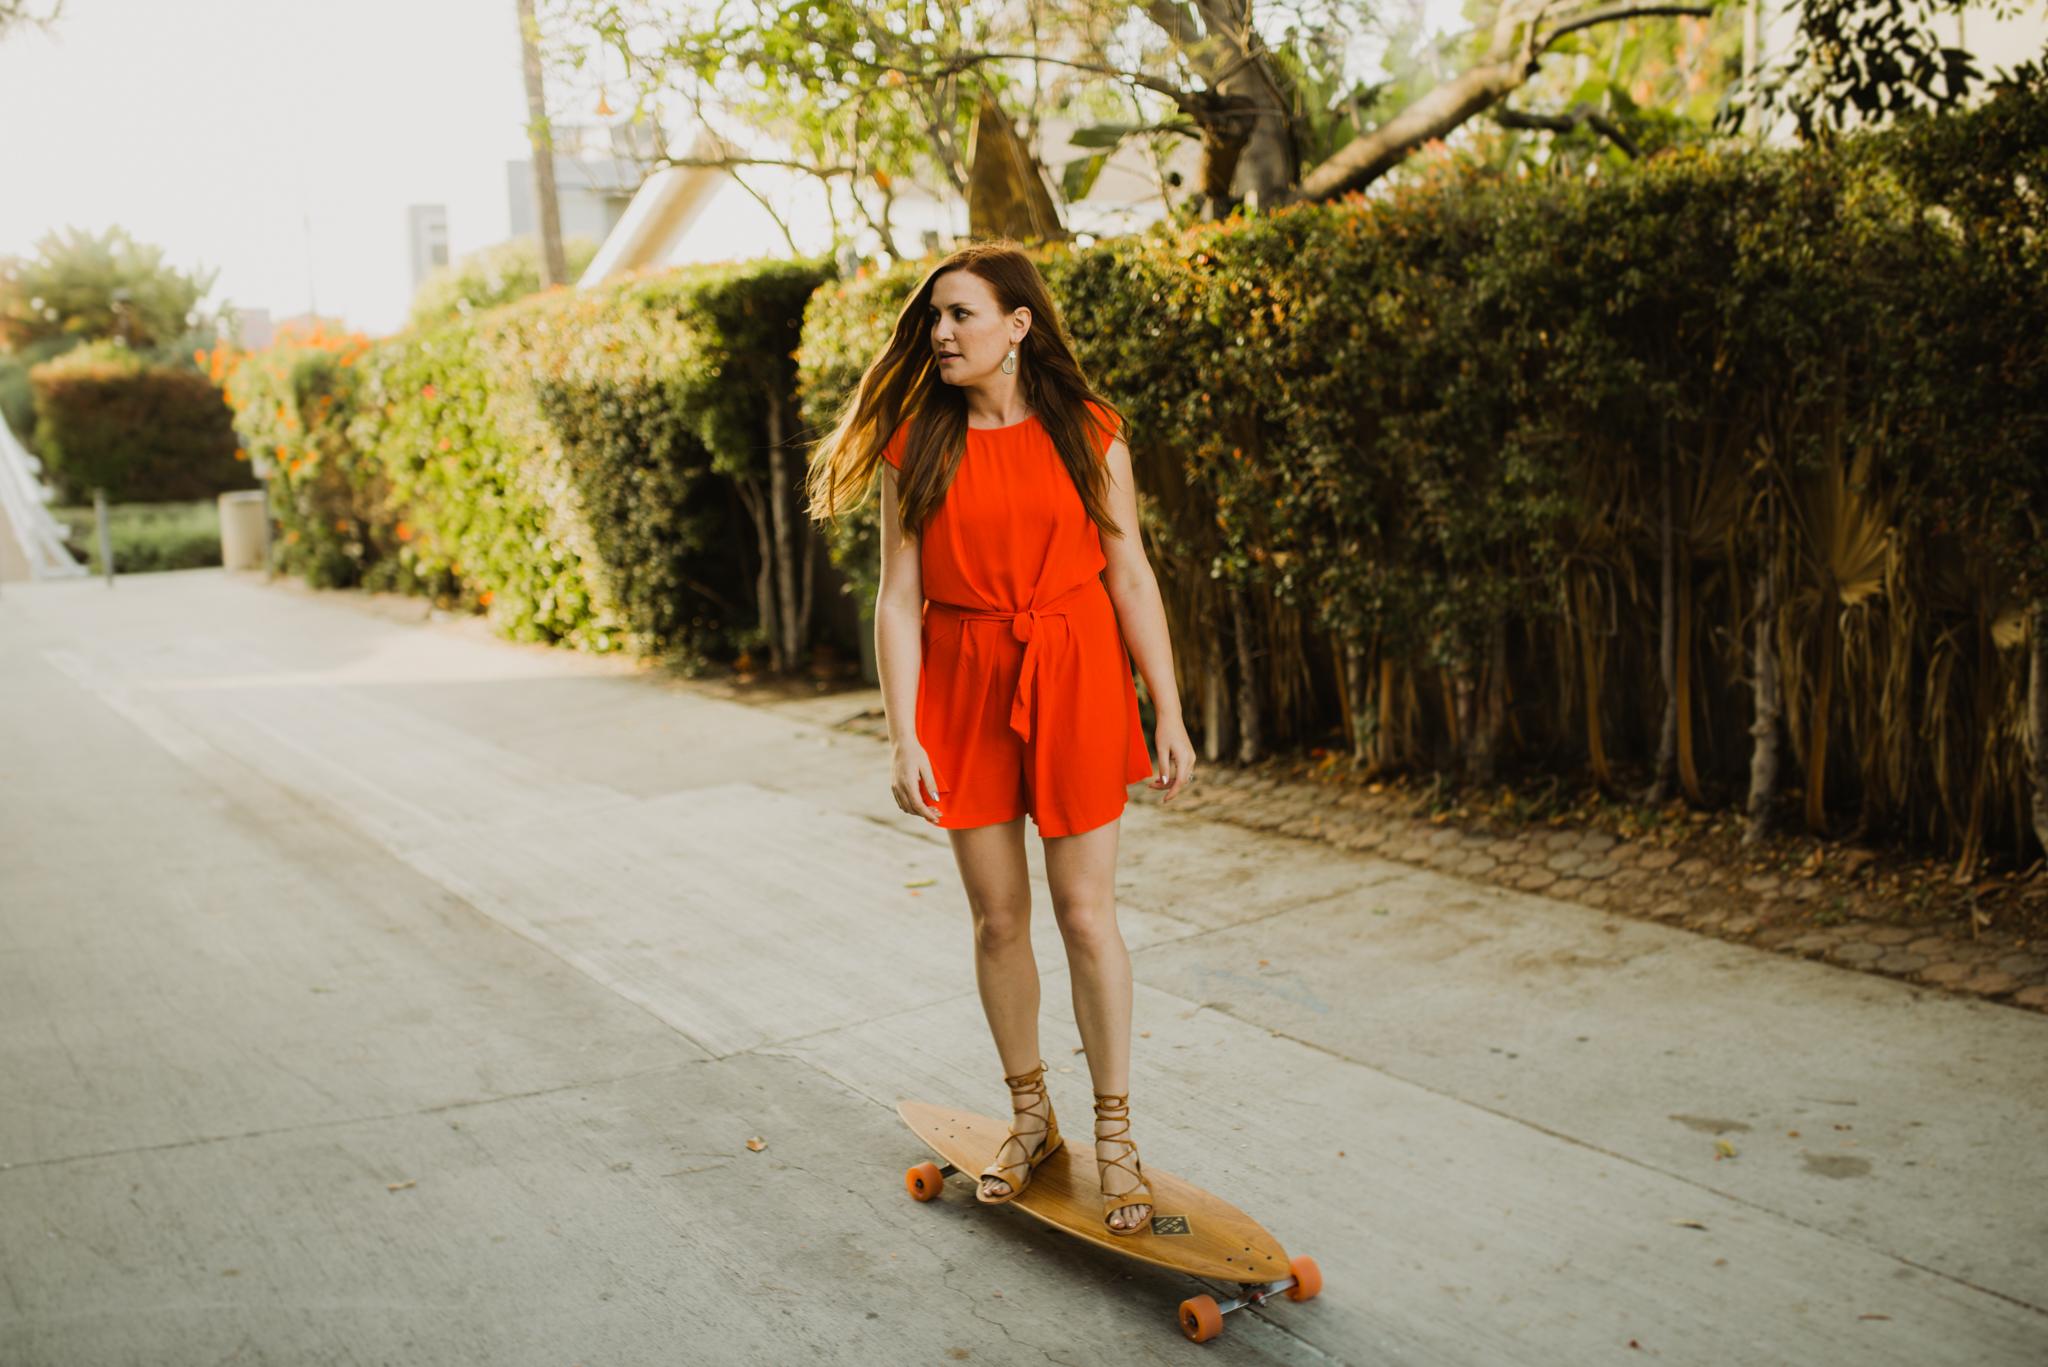 ©Isaiah & Taylor Photography  - Los Angeles Wedding Photographer - Venice Beach-37.jpg